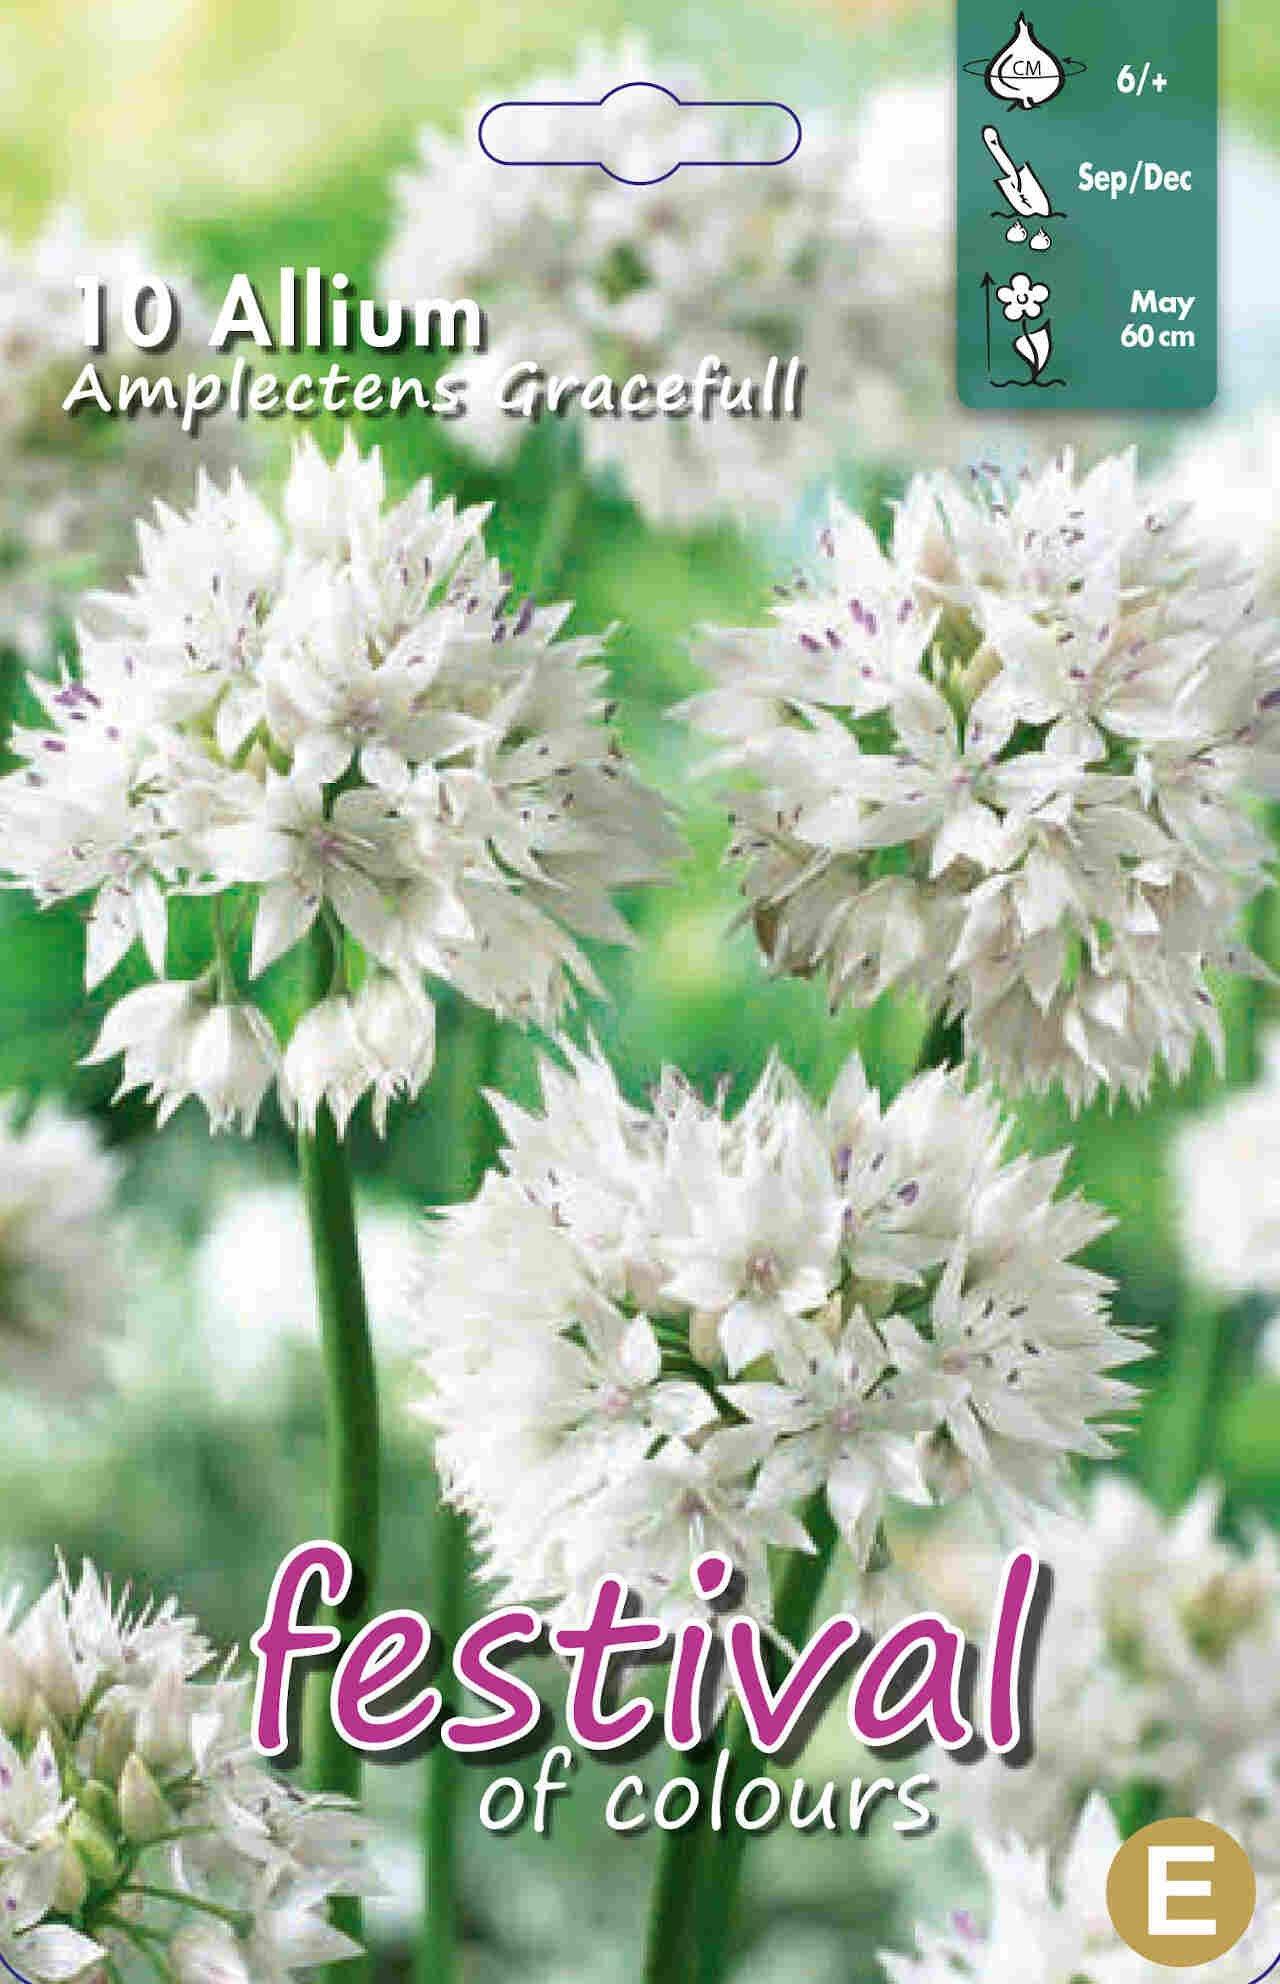 Prydløg - Allium Amp. Graceful 6/+